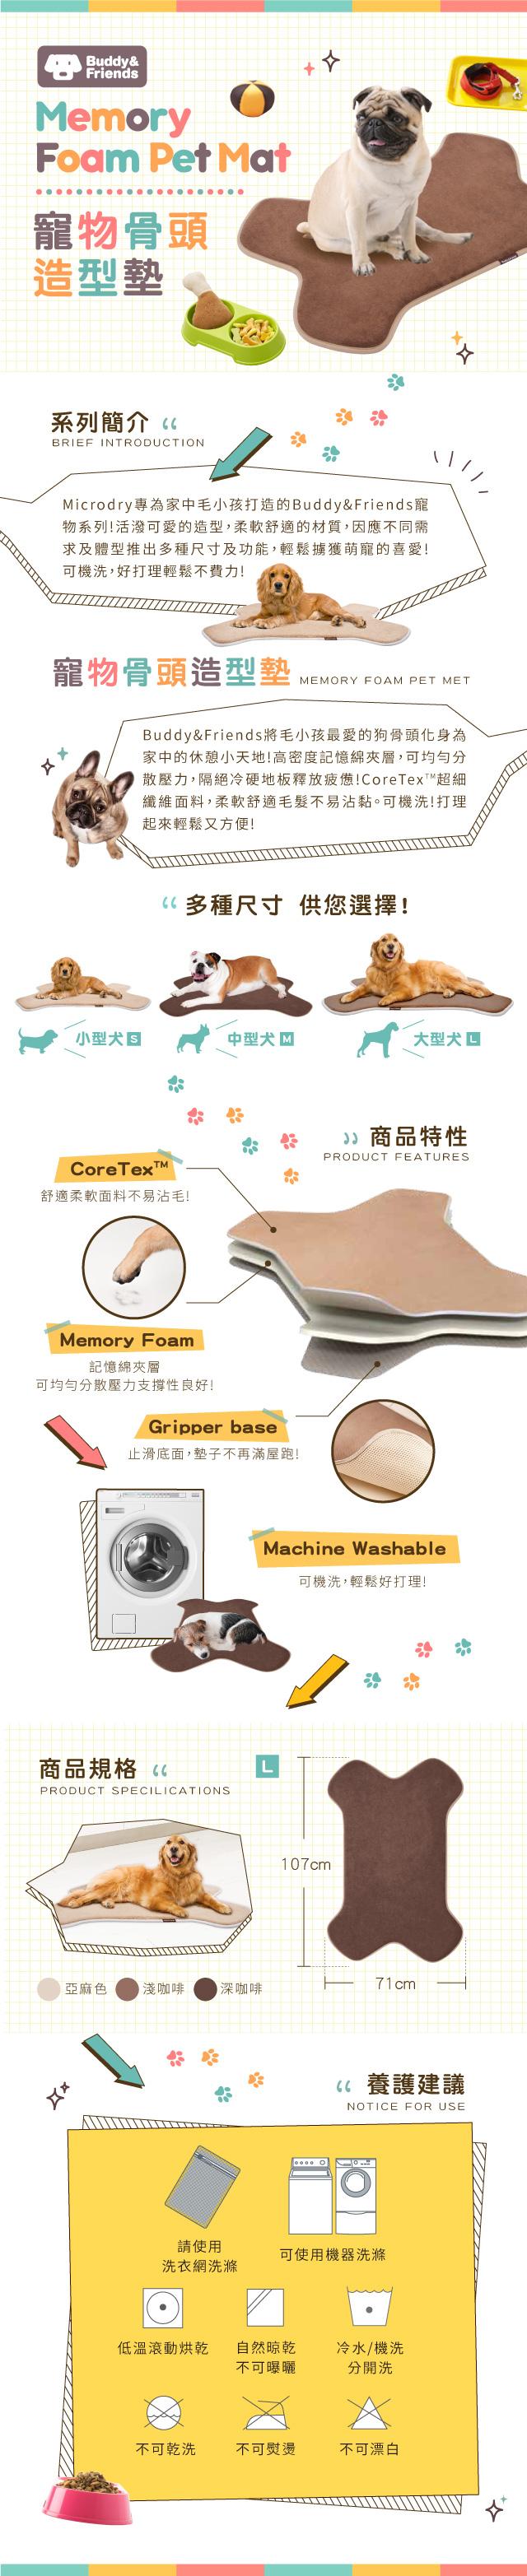 (複製)Buddy&Friends|寵物骨頭造型墊-淺咖啡L(71x107cm)